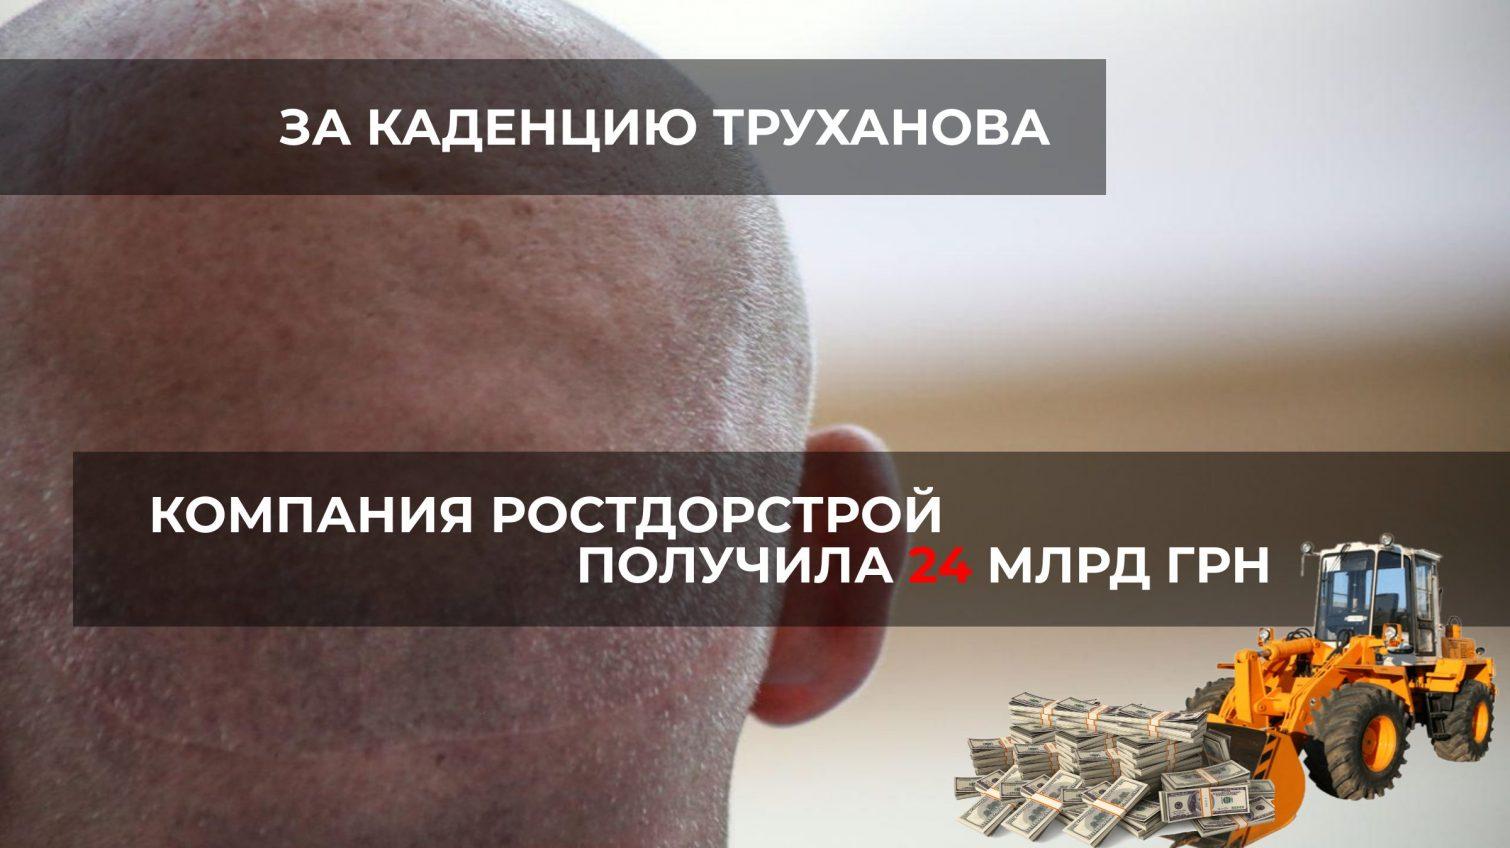 За каденцию Труханова «Ростдорстрой» получил тендеров на 24 миллиарда гривен «фото»